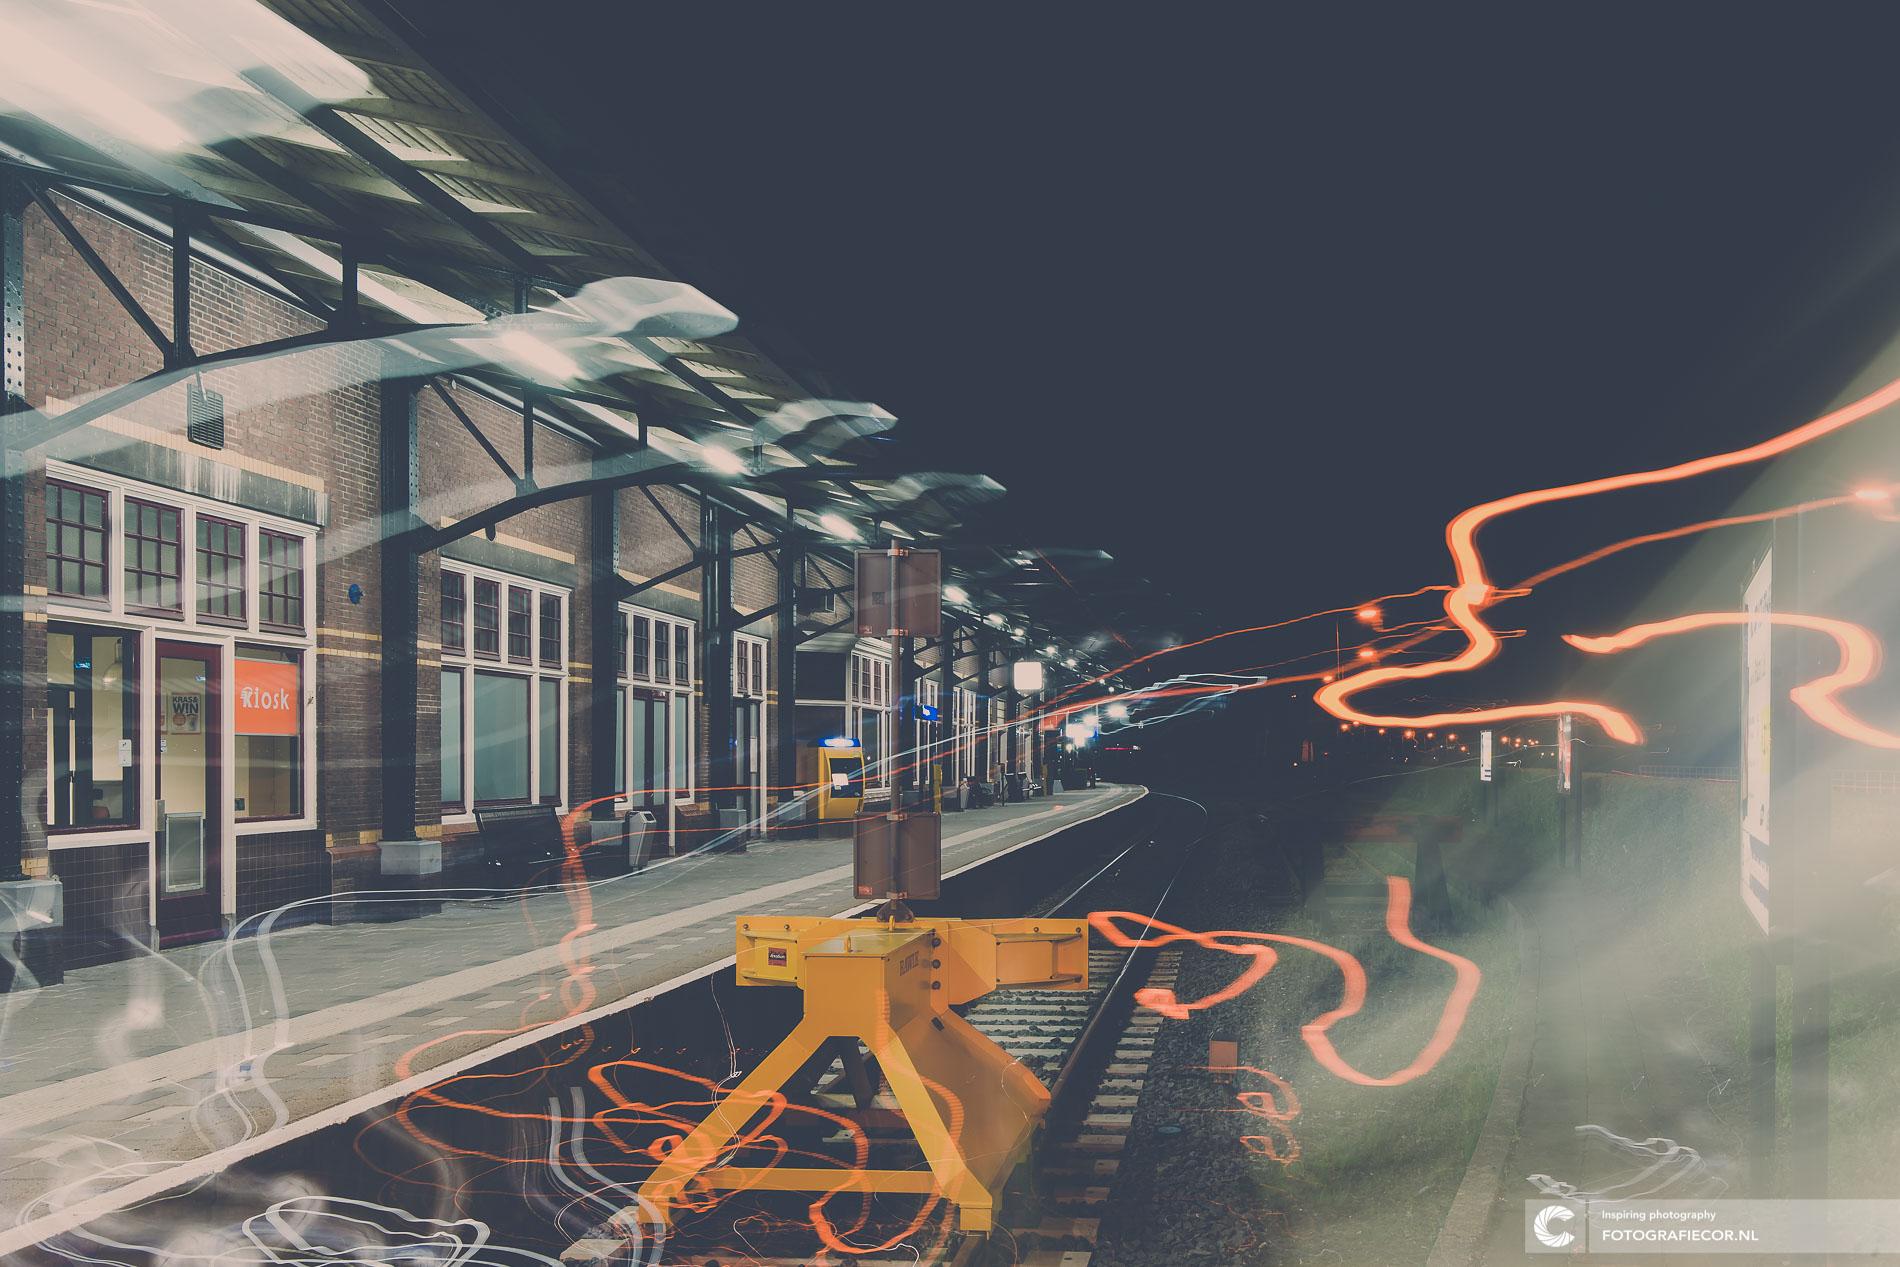 Exposure | Station treinrails | creatief vrij werk | avondfotografie | lange sluitertijd